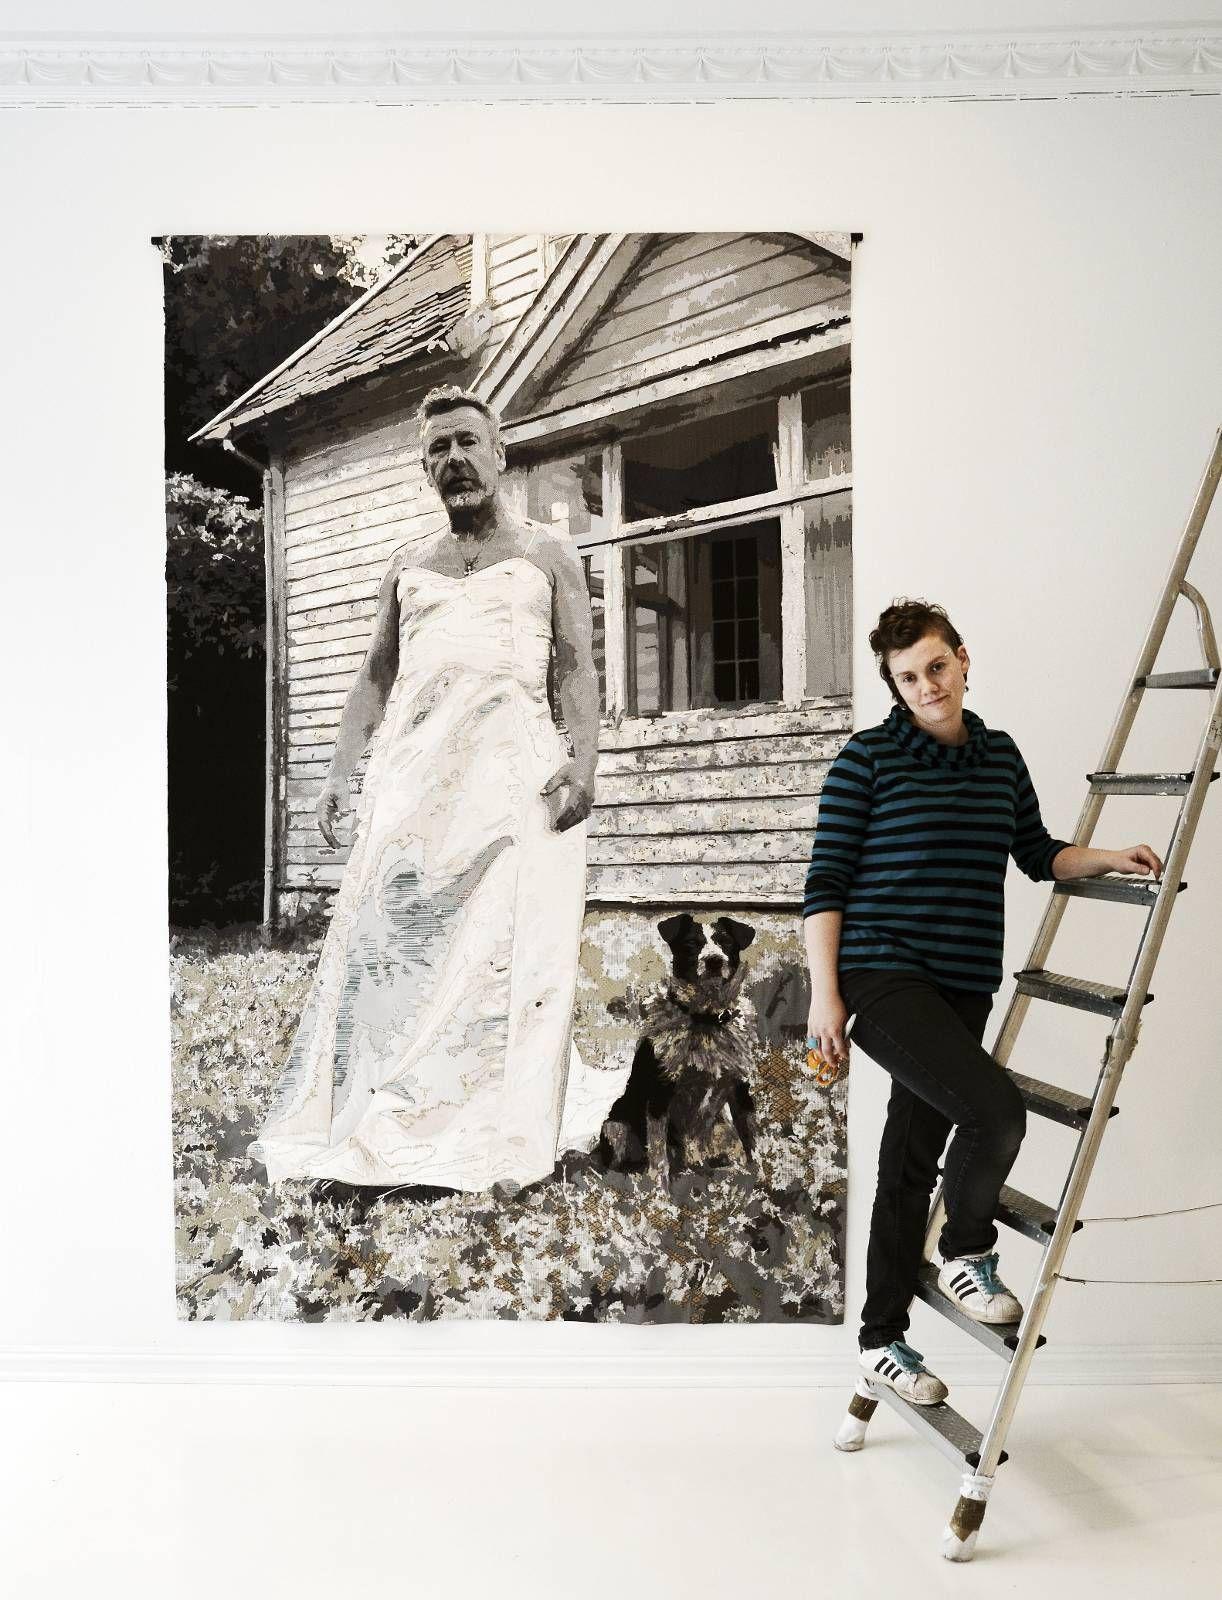 EN ANNEN TOMAS: Karina Presttuns bilder av Espedal iført brudekjole ble tatt foran huset han selv bodde i på Ask. -Det valgte jeg av rent maleriske hensyn. Jeg så de andre bildene, og hvilken bakgrunn de andre mennene hadde valgt, og det eneste stedet jeg kunne komme på var det huset på Askøy.